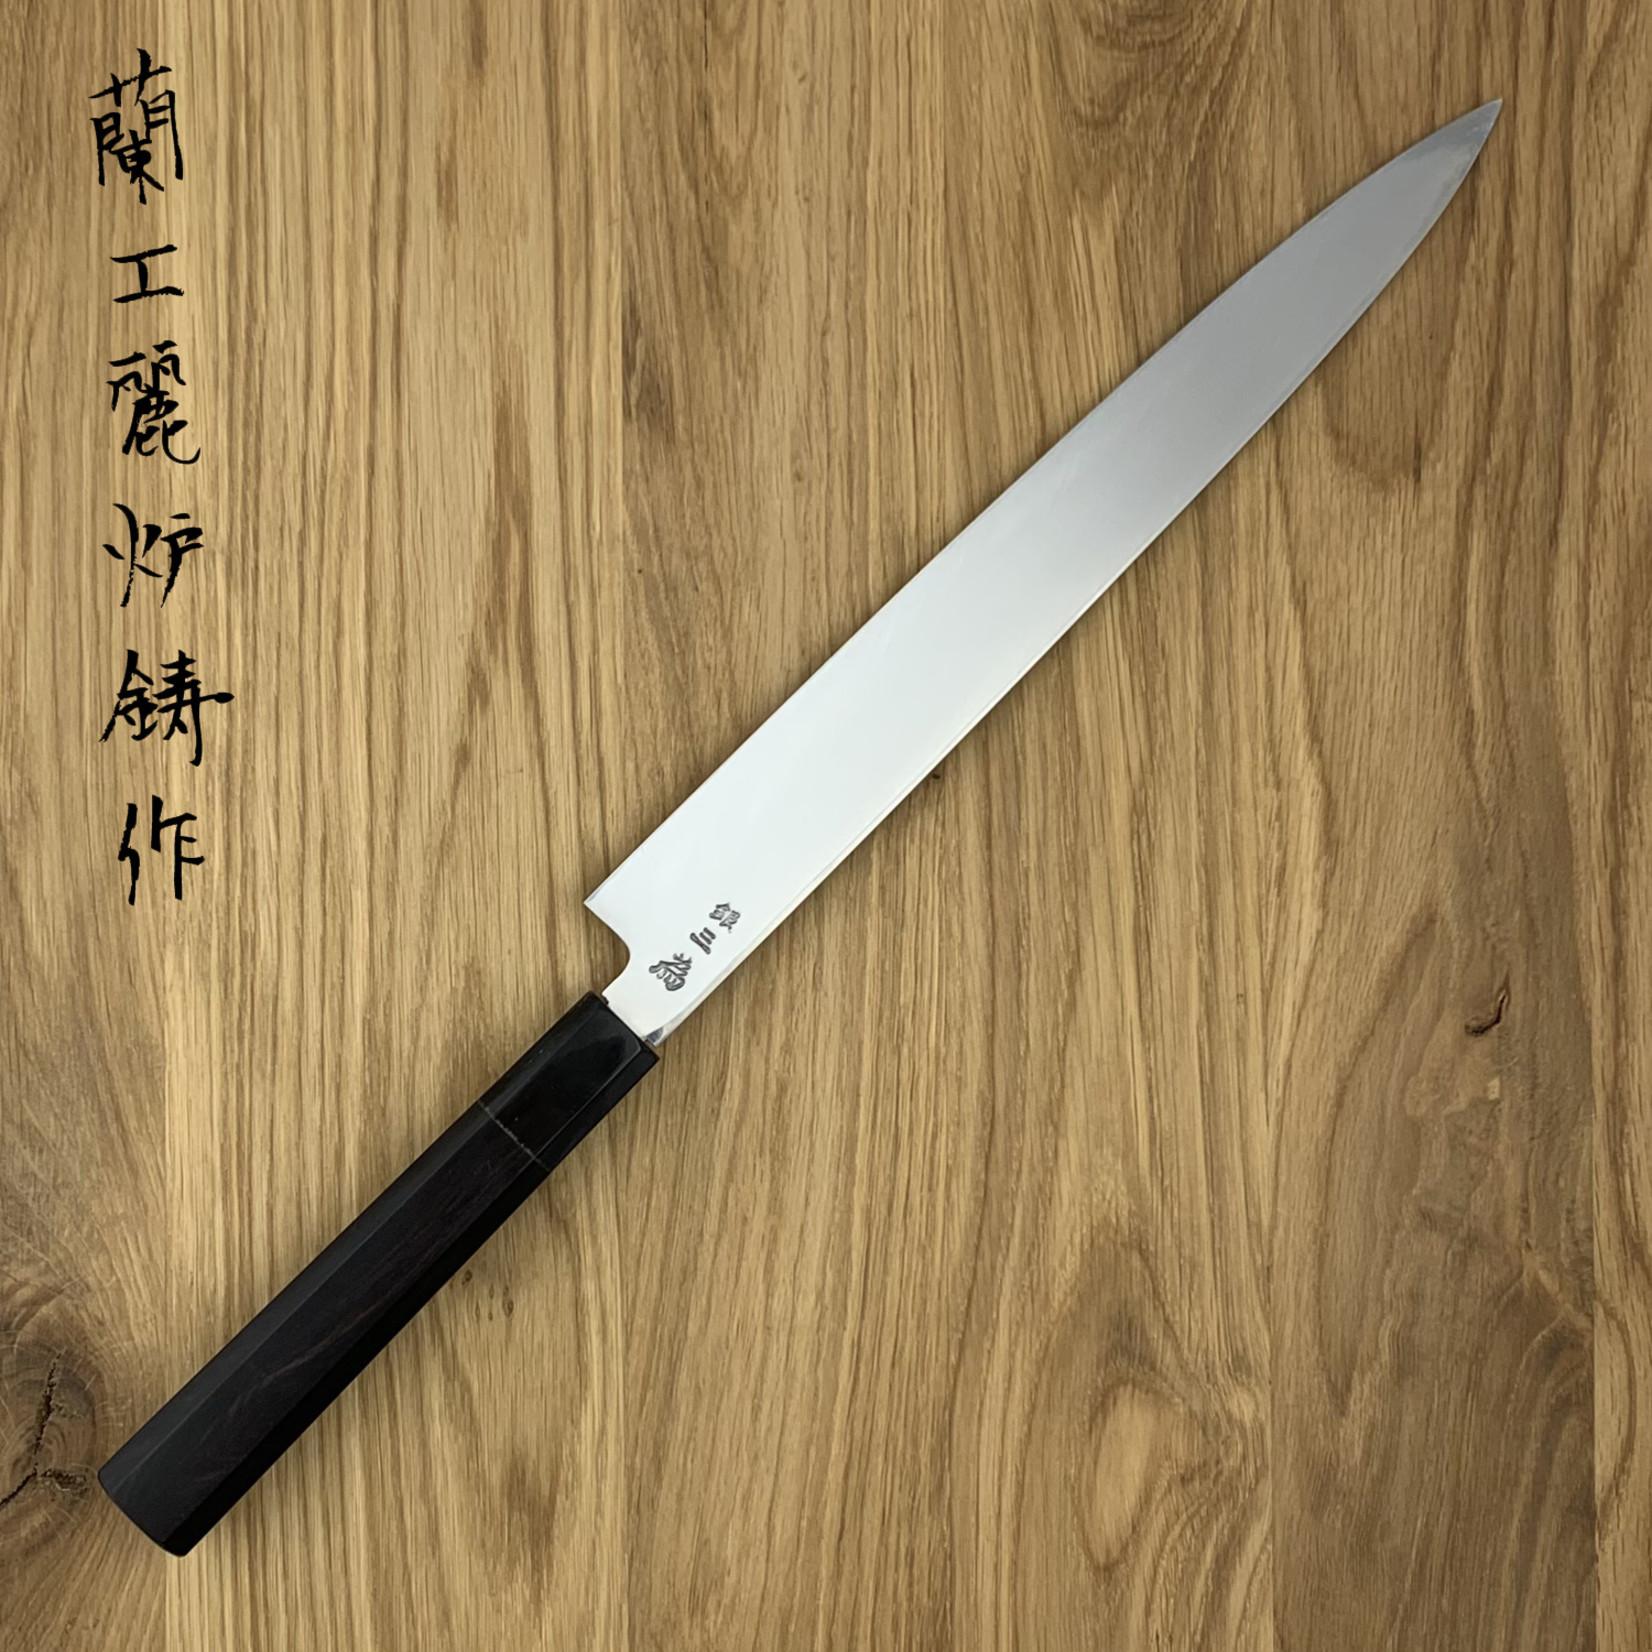 SAKAI TAKAYUKI Ginsankou Silver #3 Yanagiba 270 mm 04231